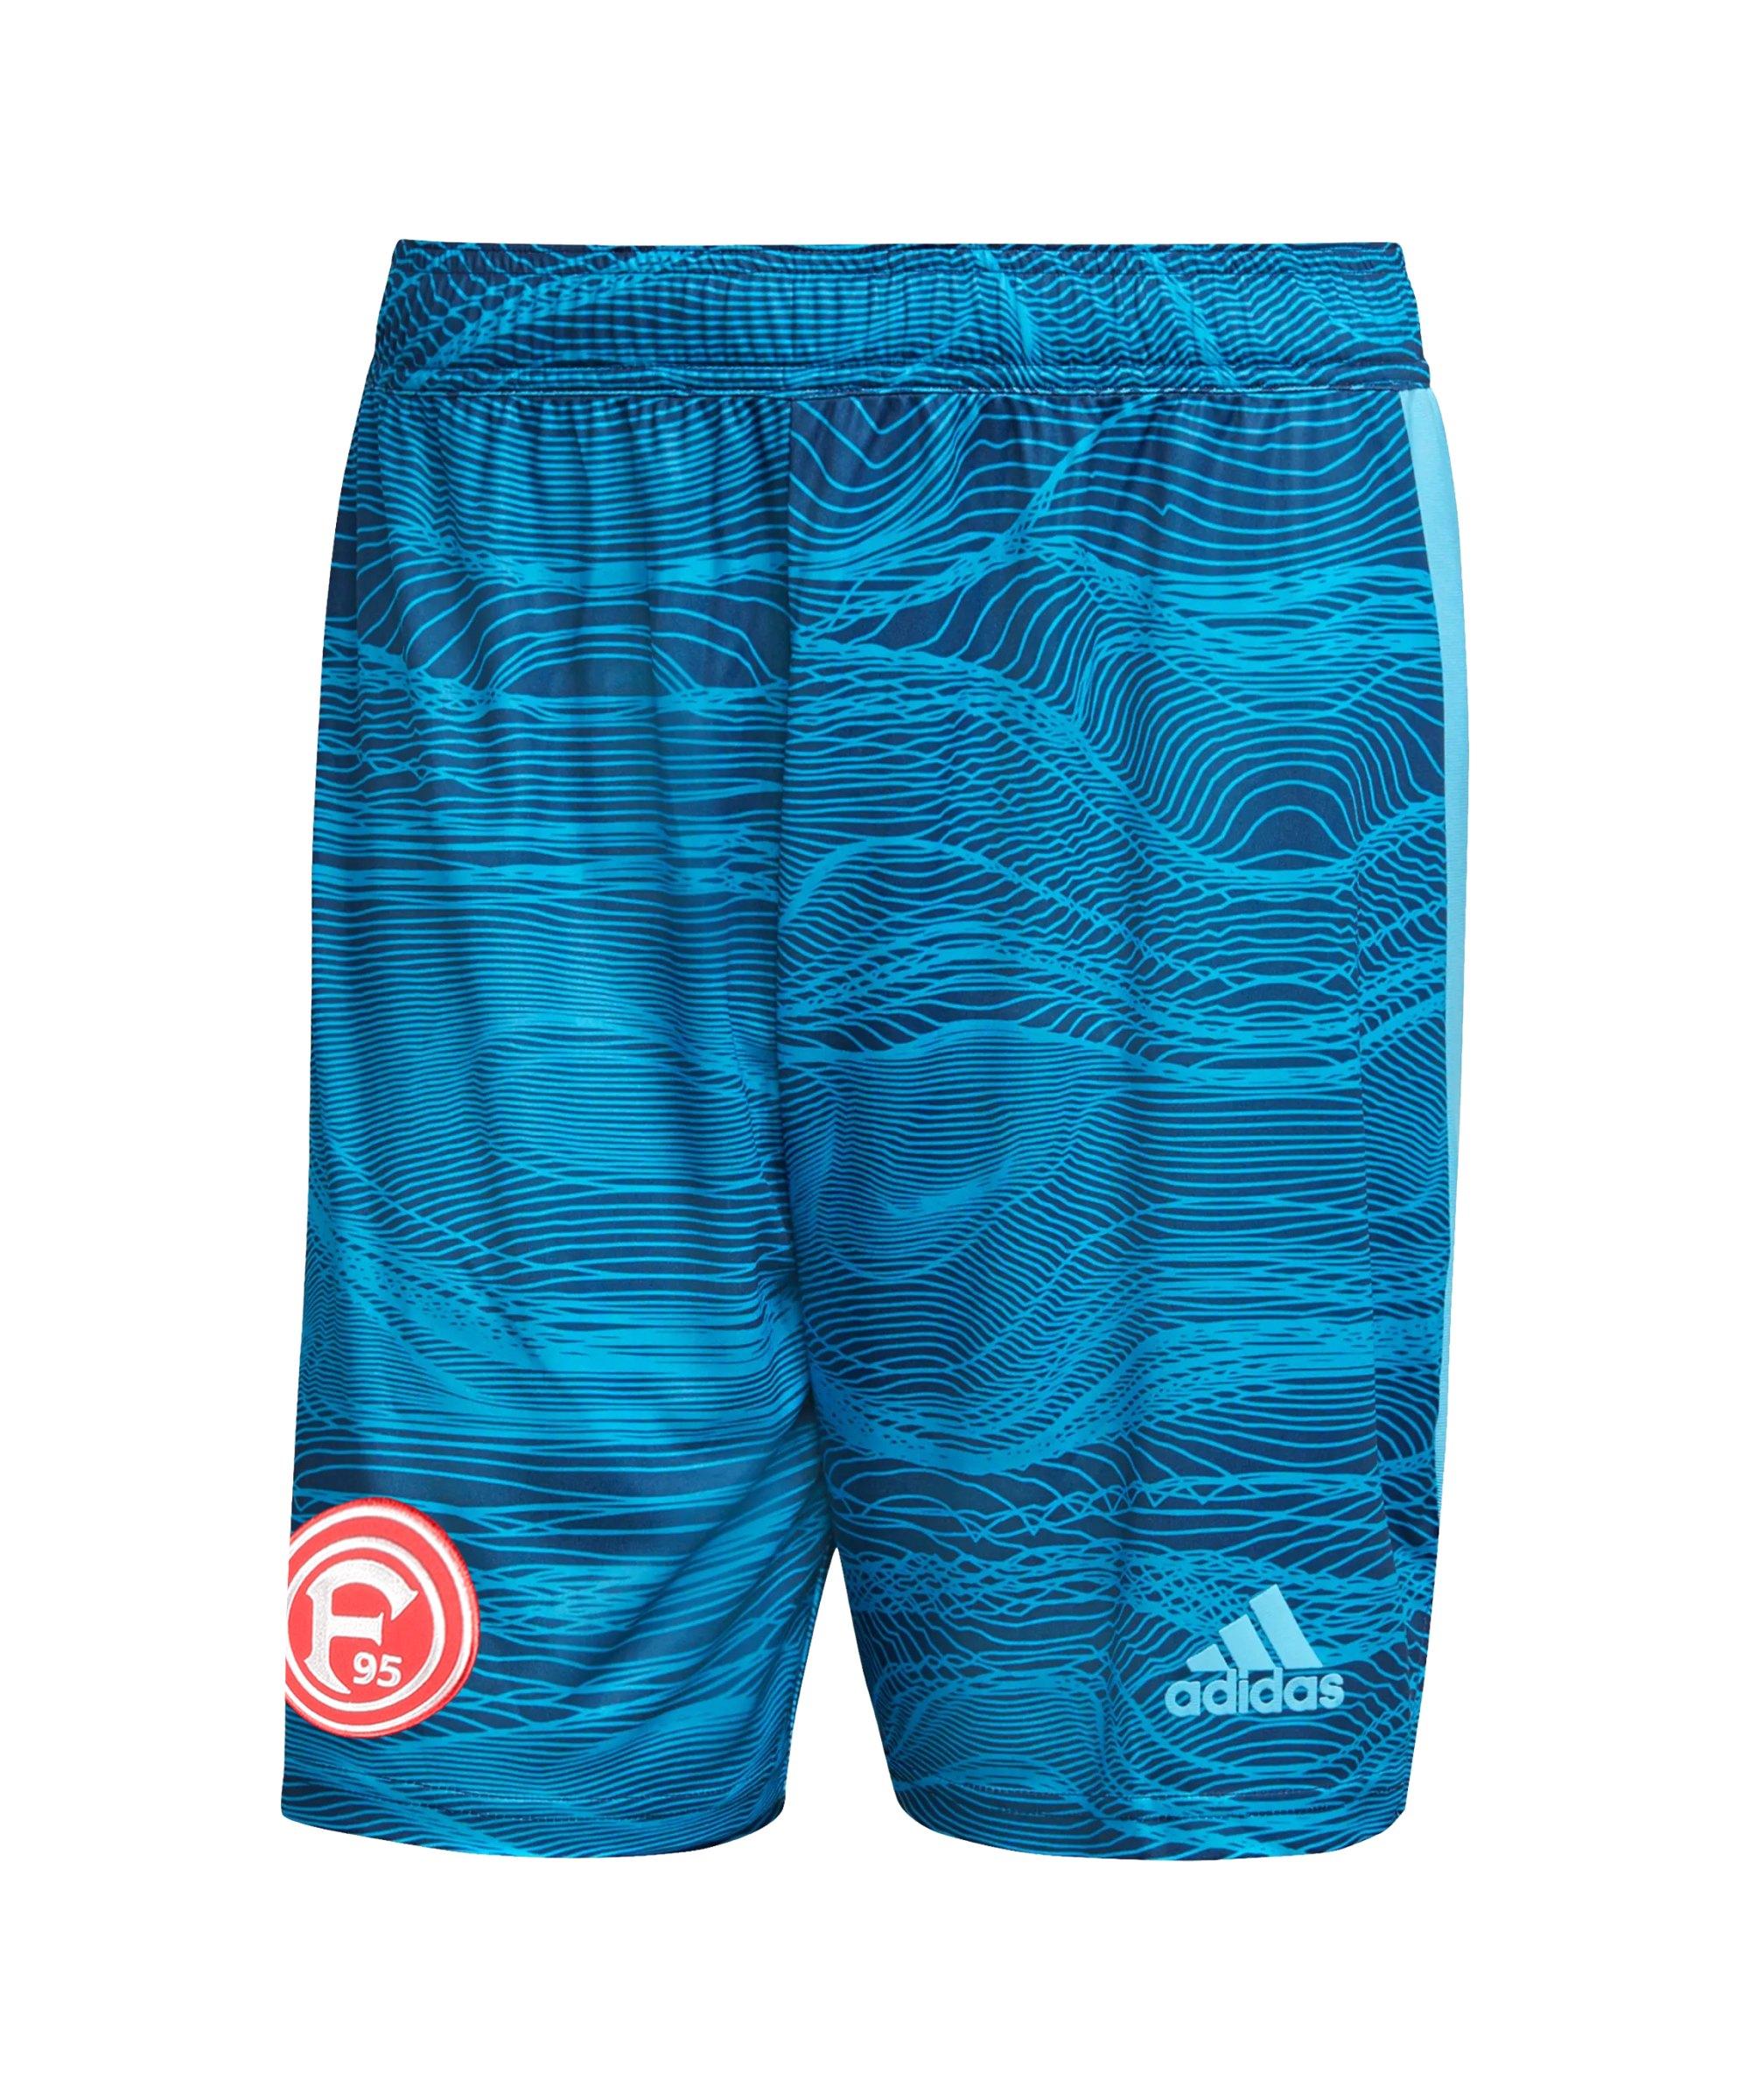 adidas Fortuna Düsseldorf TW-Short 2021/2022 Blau - blau